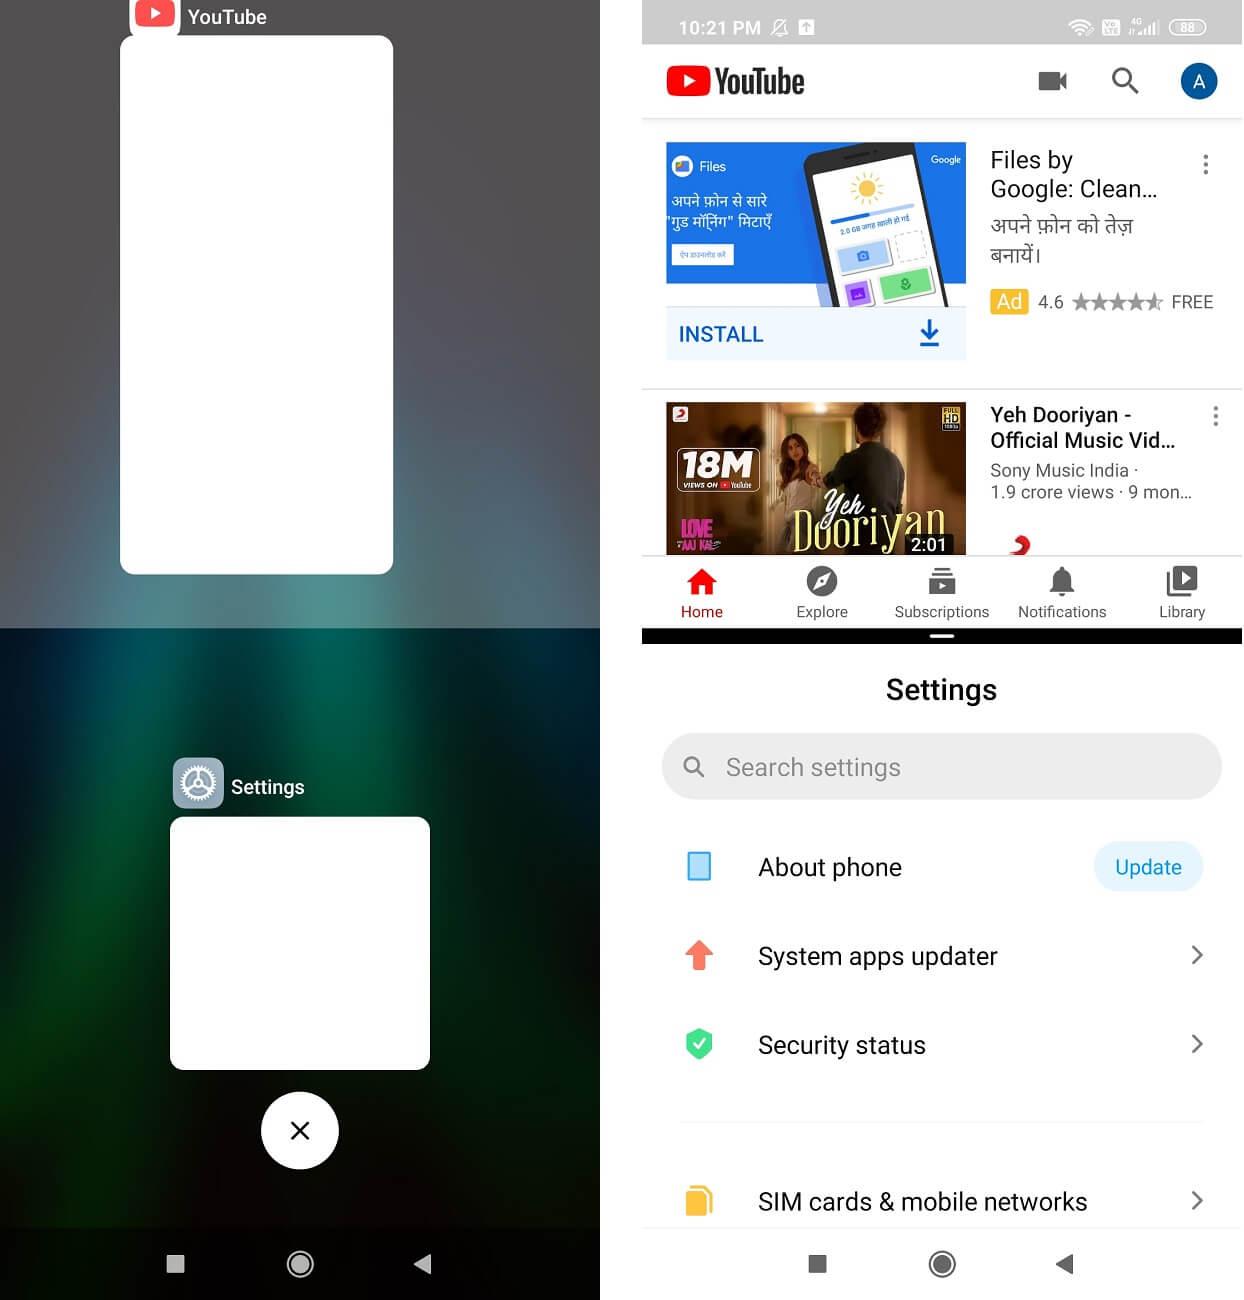 Enable Split-Screen Multitasking on Android 10